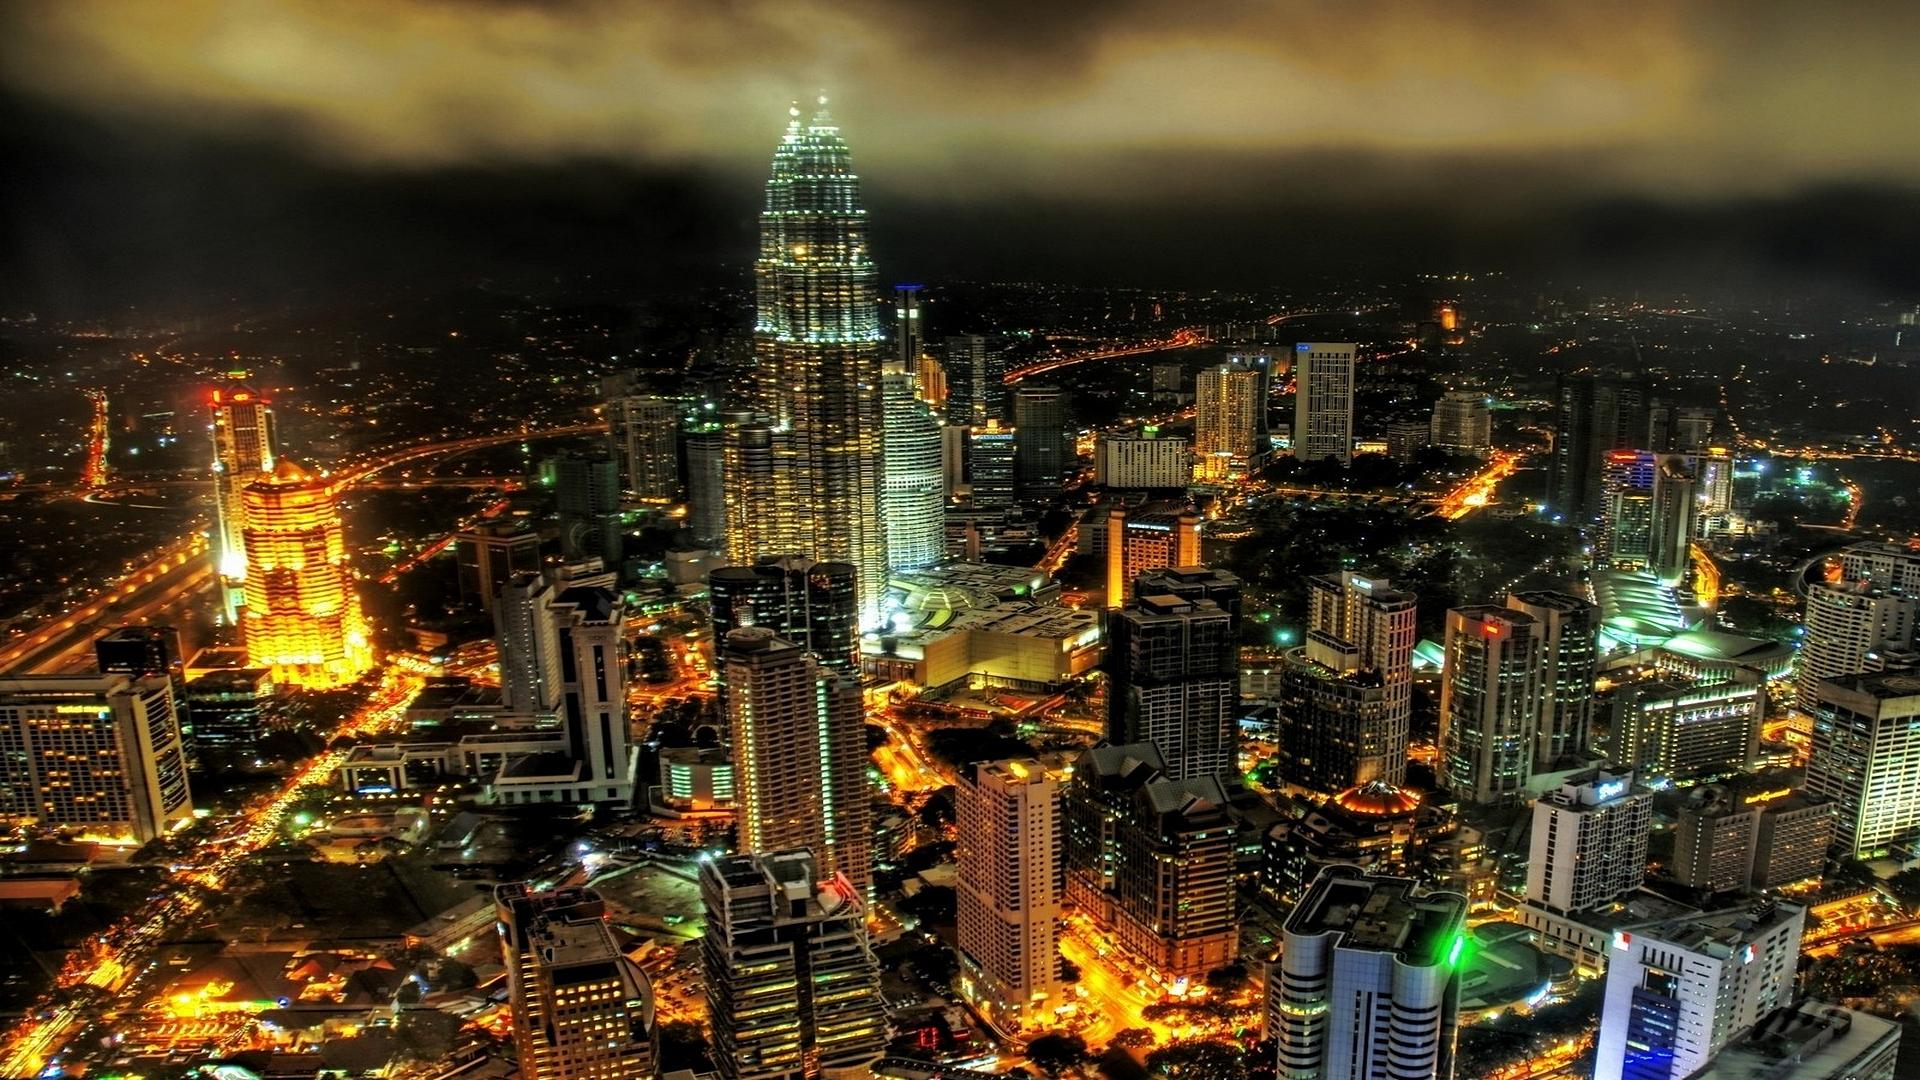 Dynamic City Backgrounds Desktop Image 1920x1080